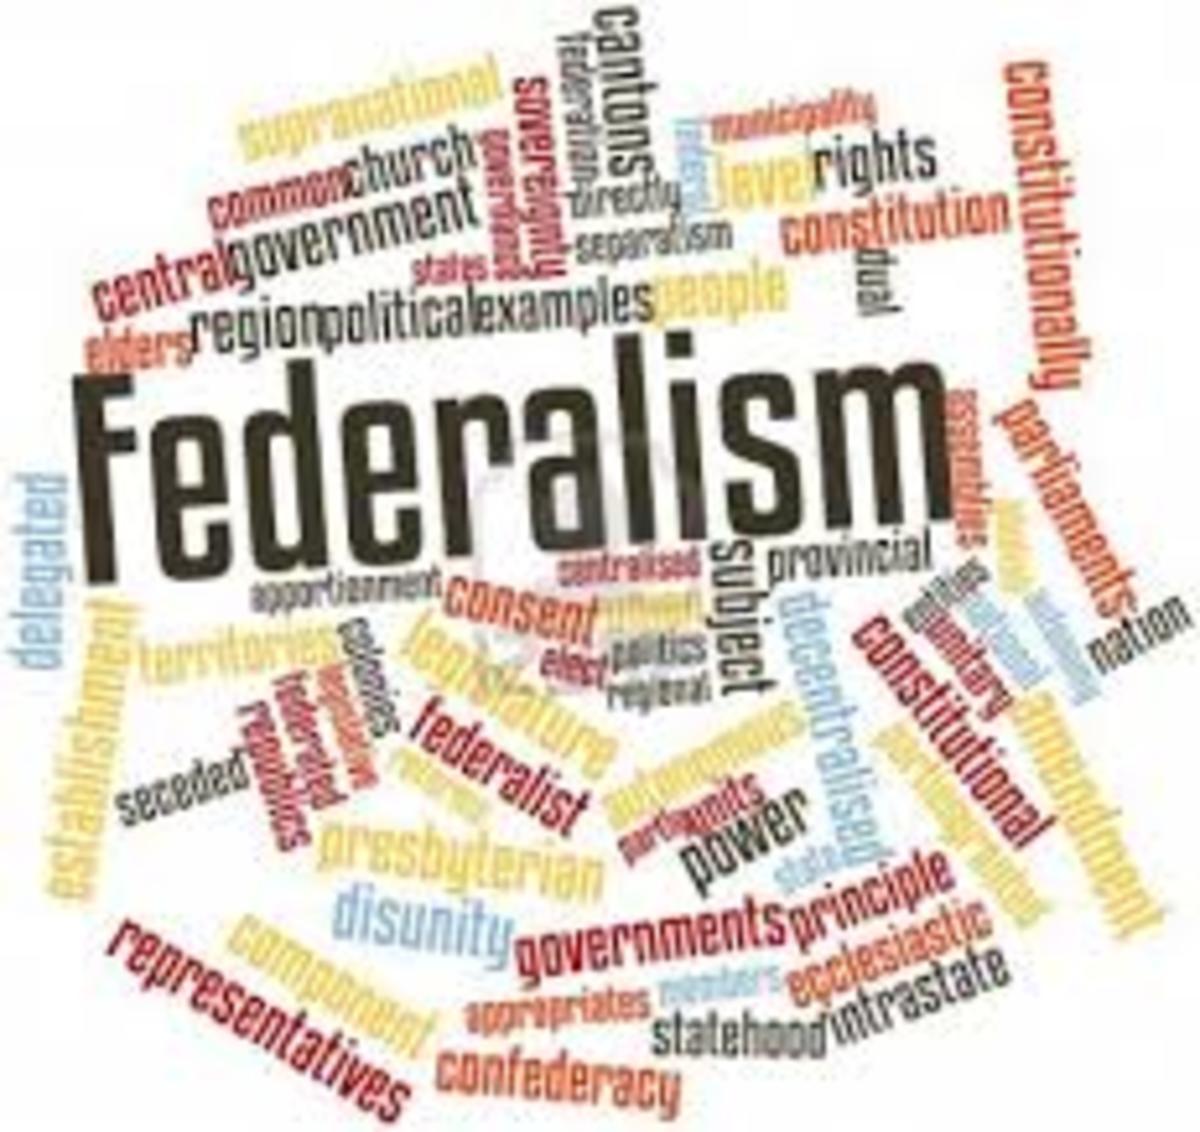 federalism-its-characteristics